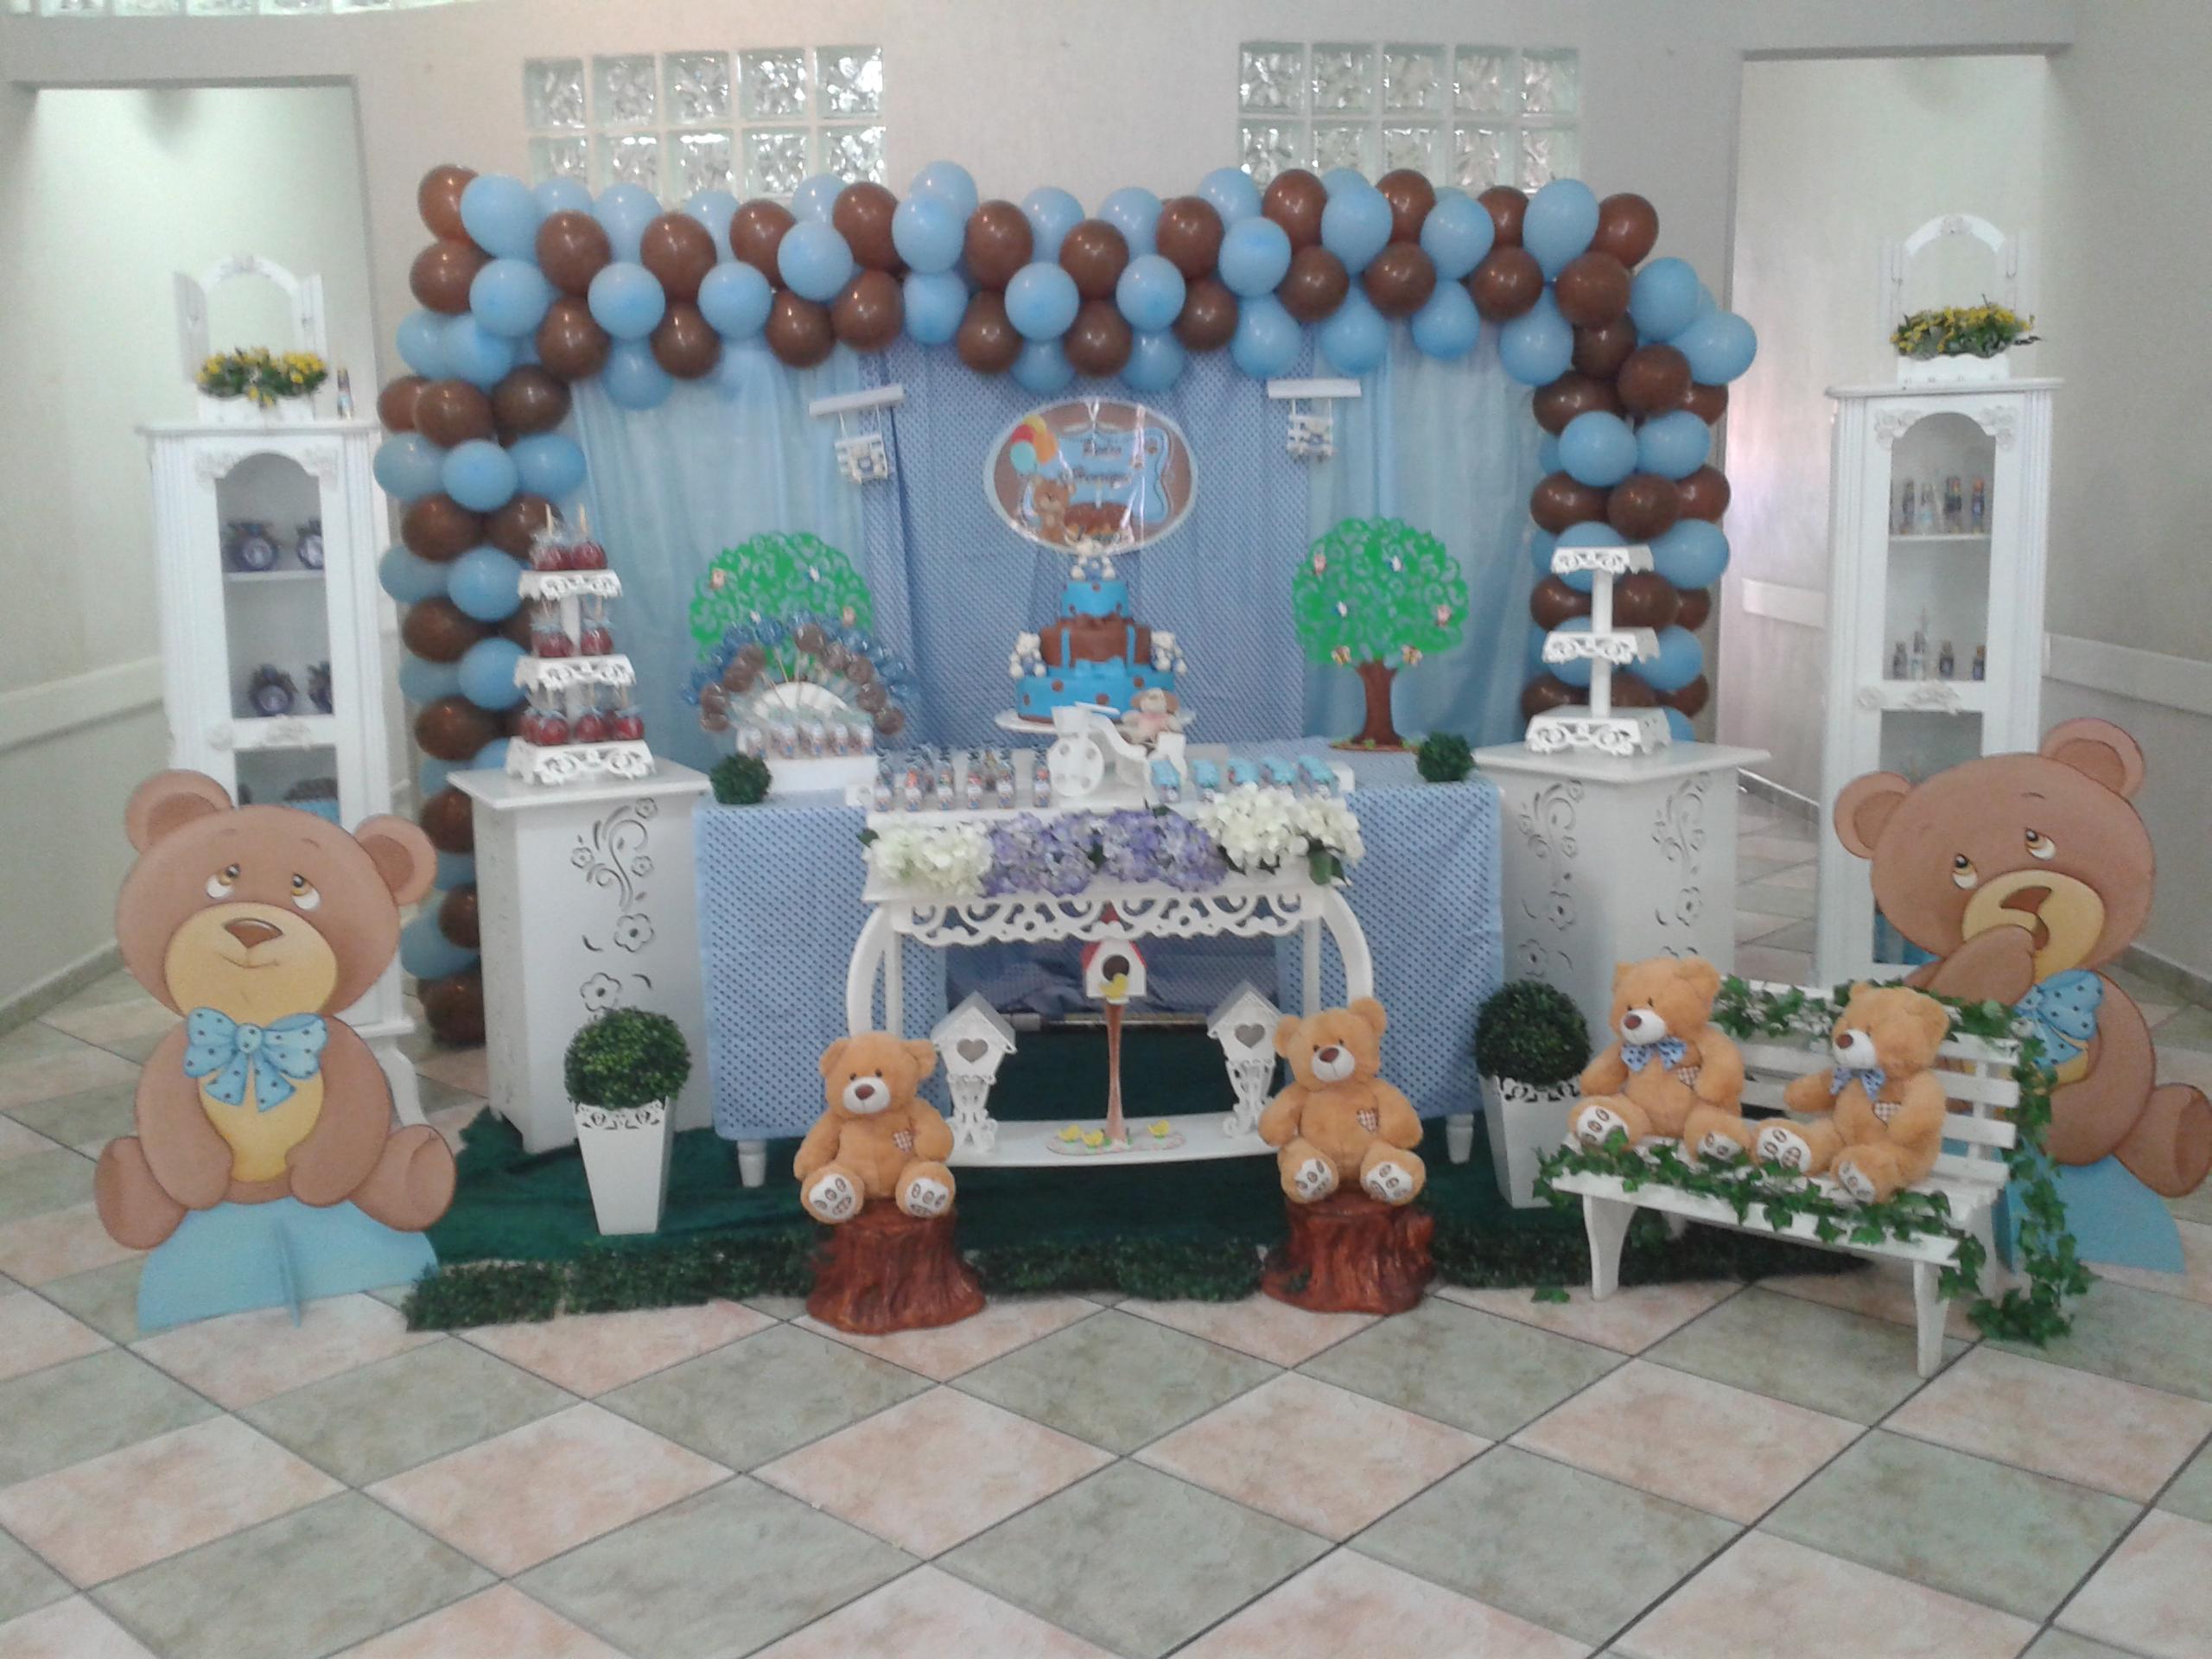 decoracao festa urso azul e marrom:marrom e azul Decoração Urso marrom e azul Decoração Urso marrom e